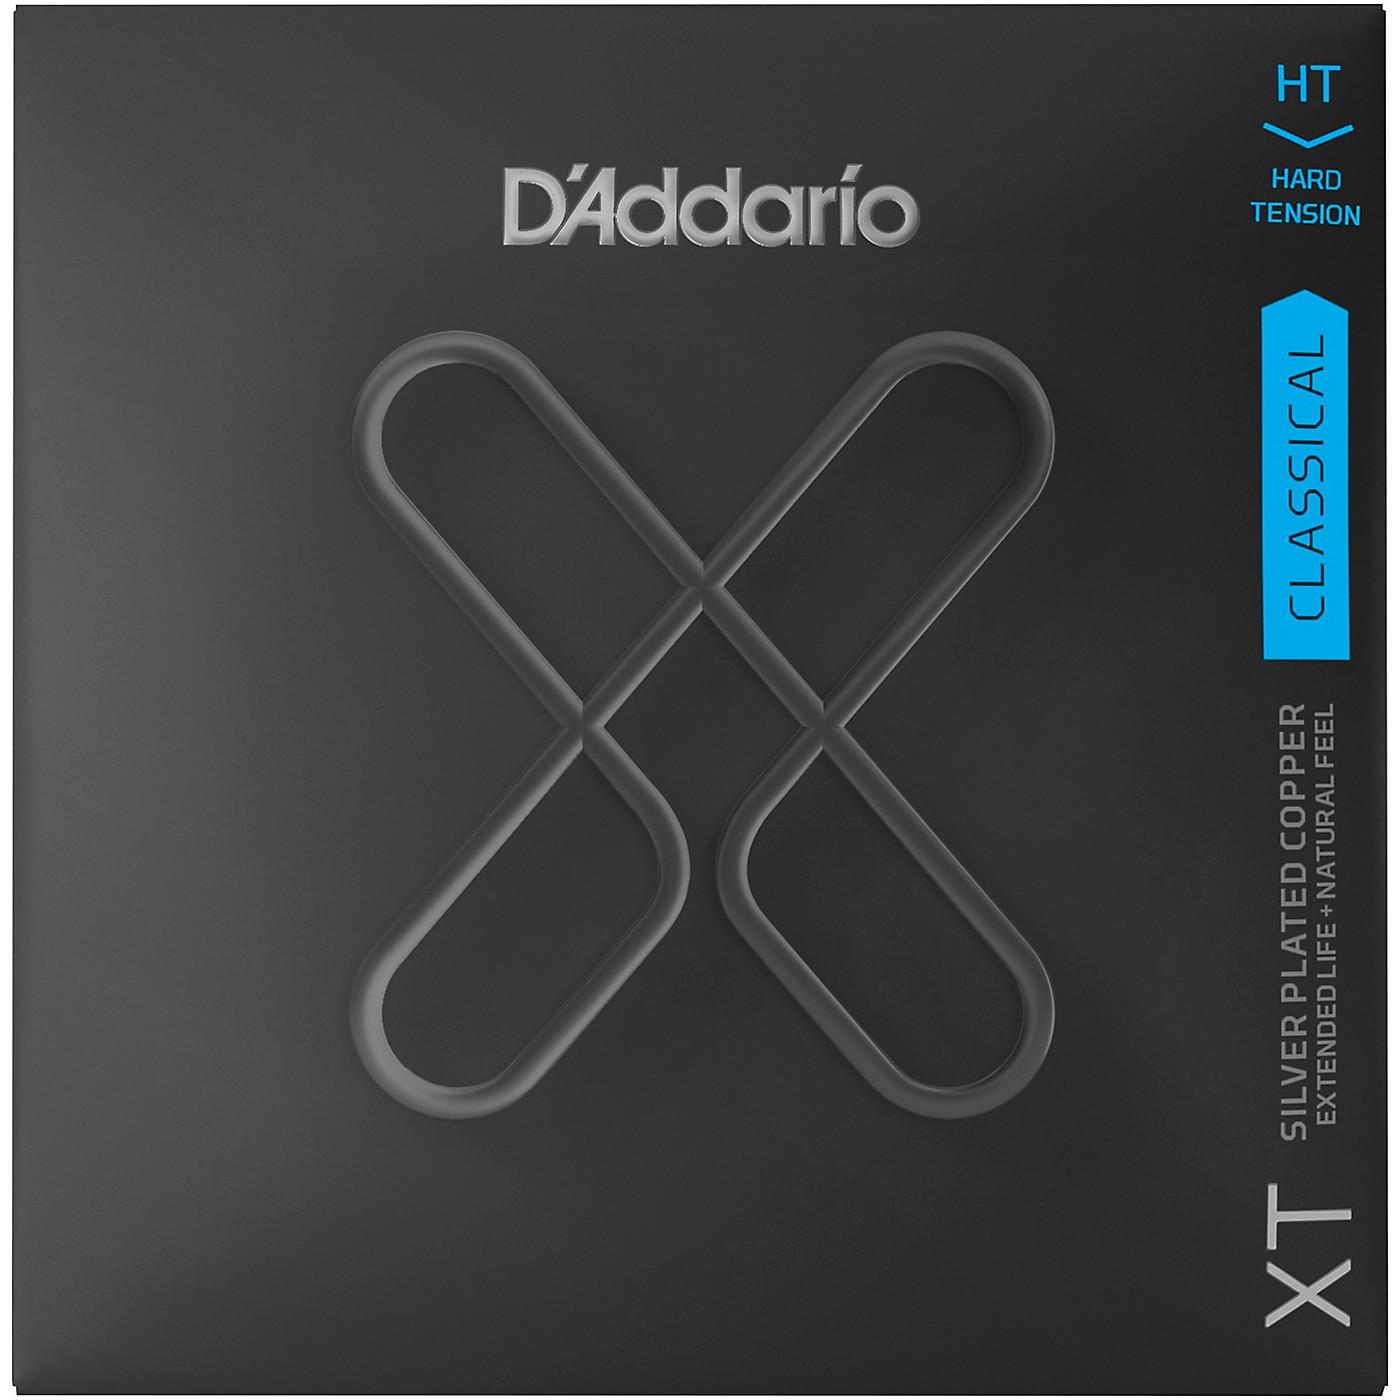 D'Addario XT Classical Strings, Hard Tension thumbnail